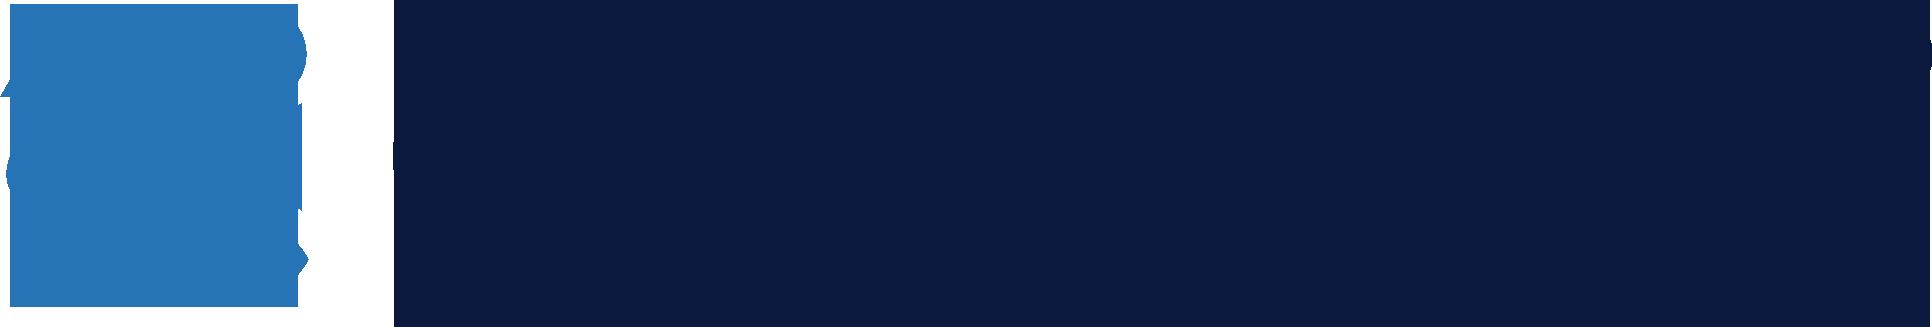 Московский областной центр общественного здоровья и медицинской профилактики (МОЦОЗиМП)